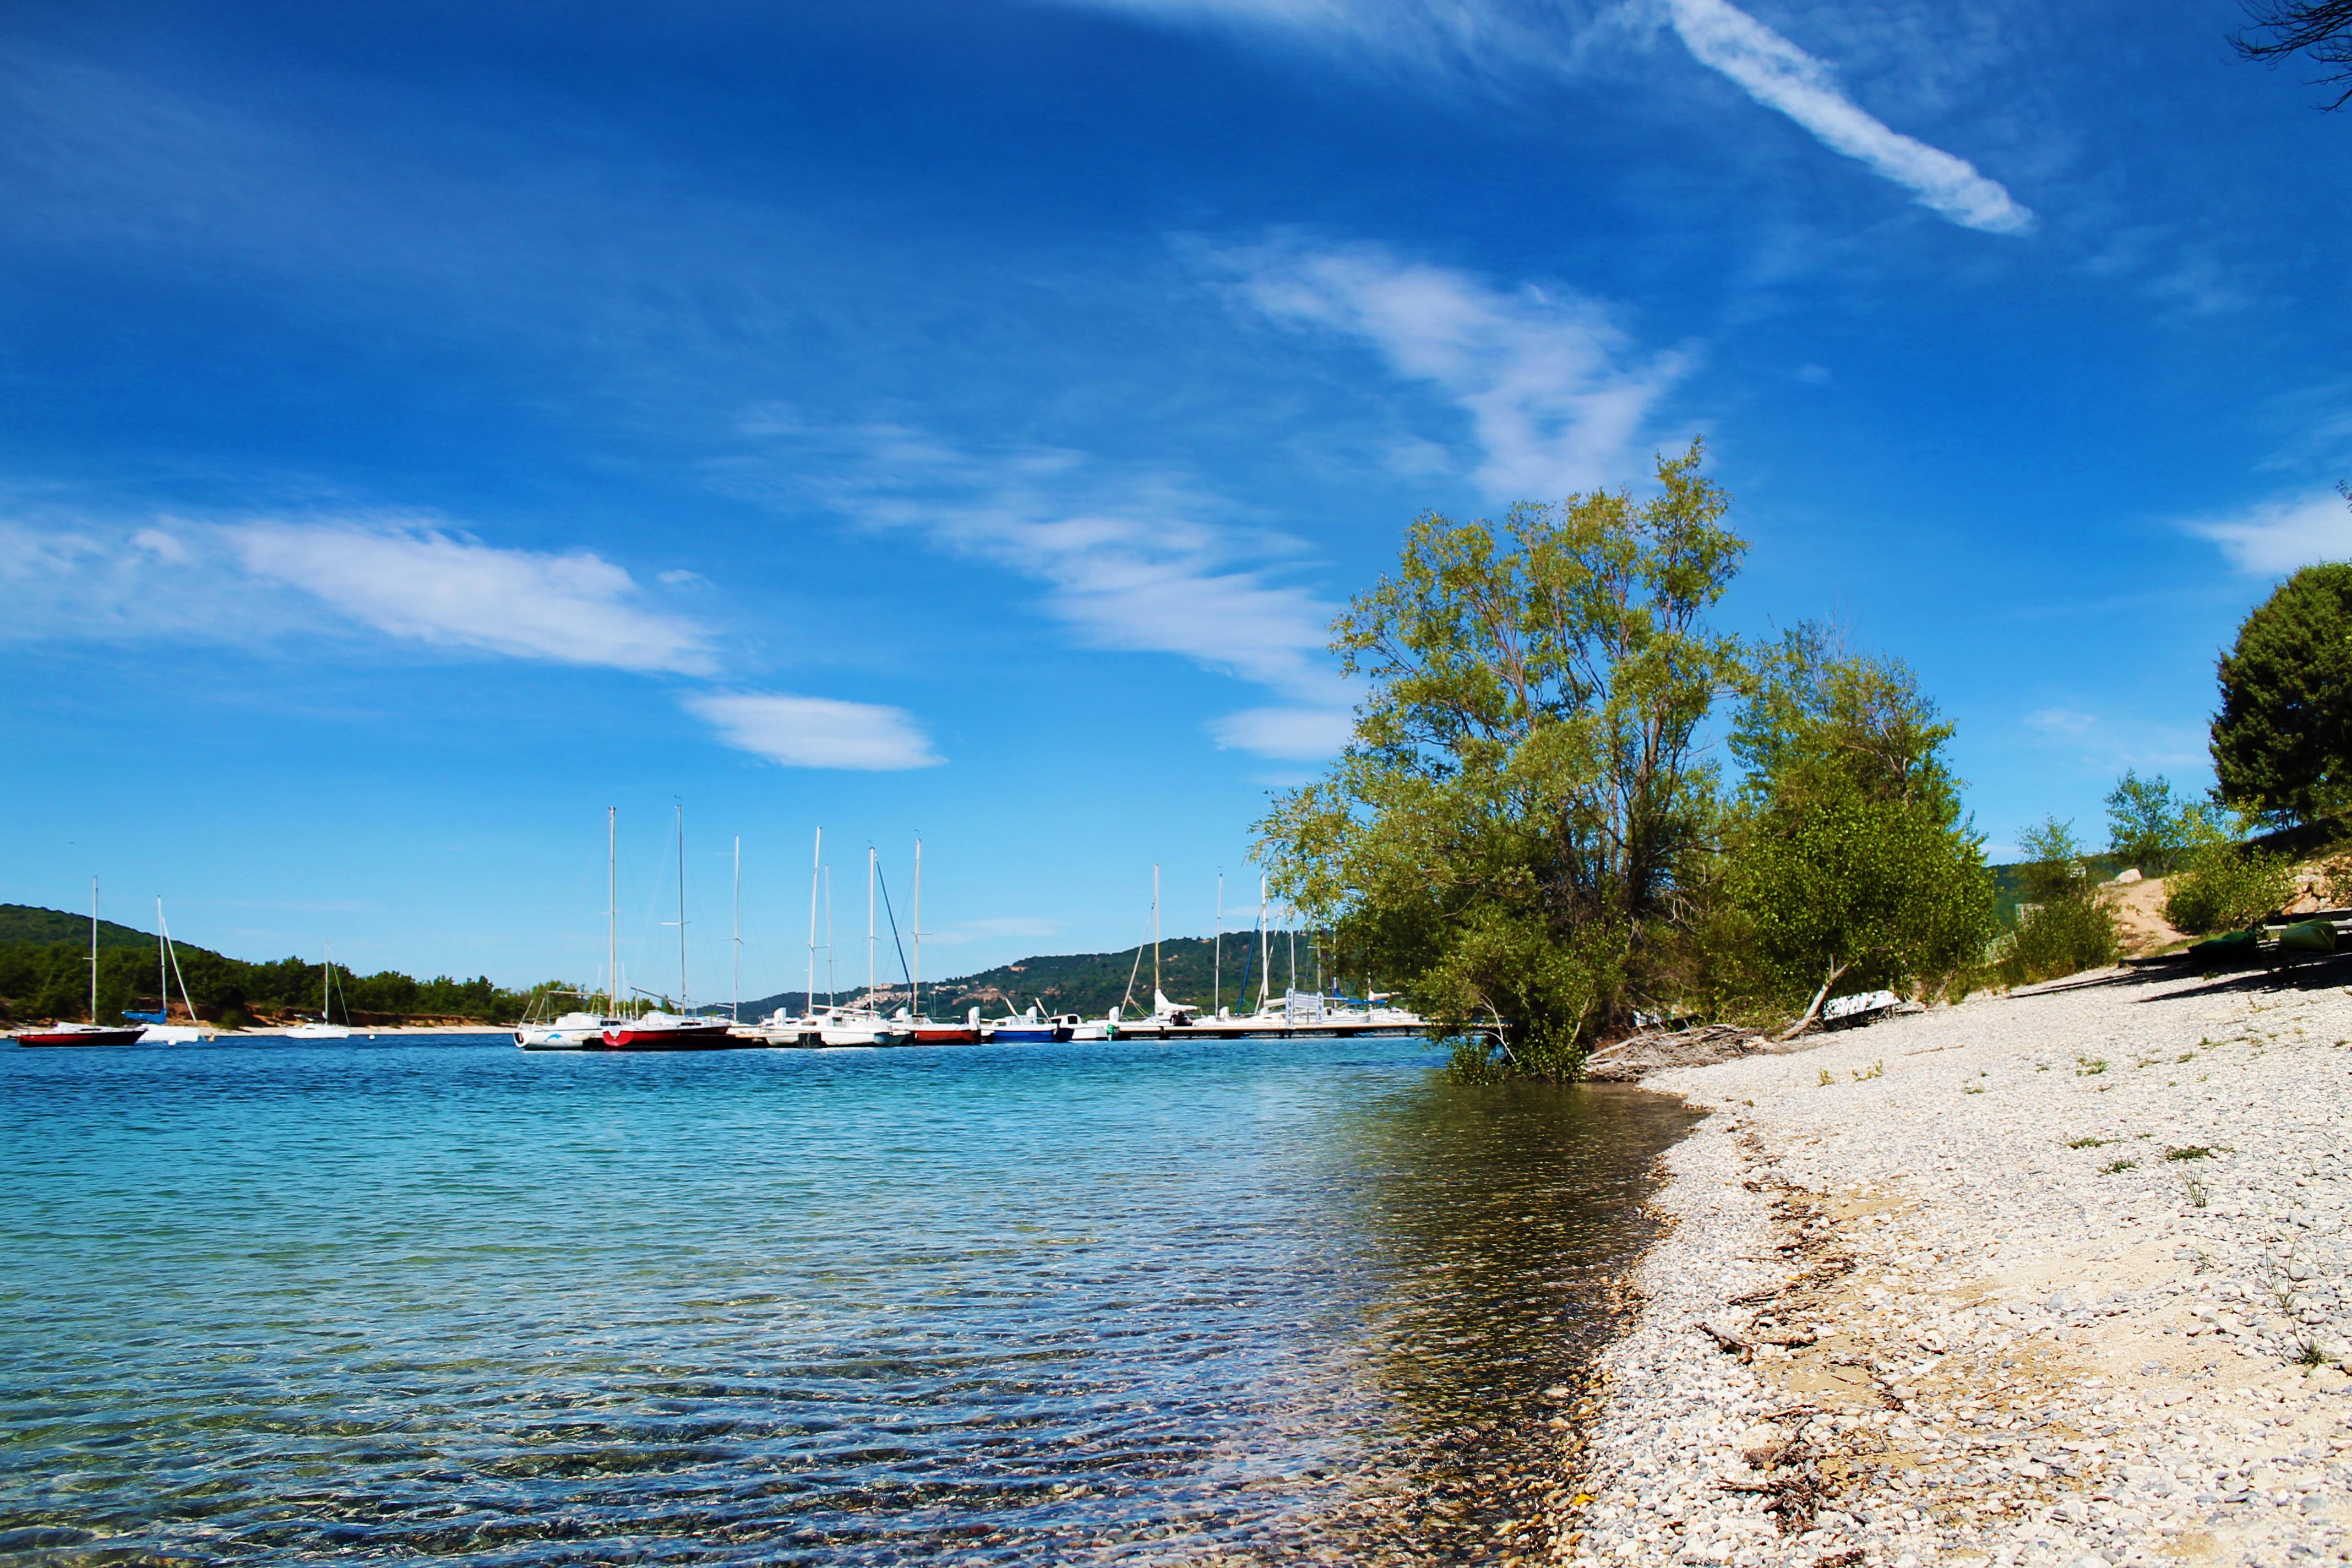 Roteiro de viagem pela Provença - Lac de Sainte-Croix